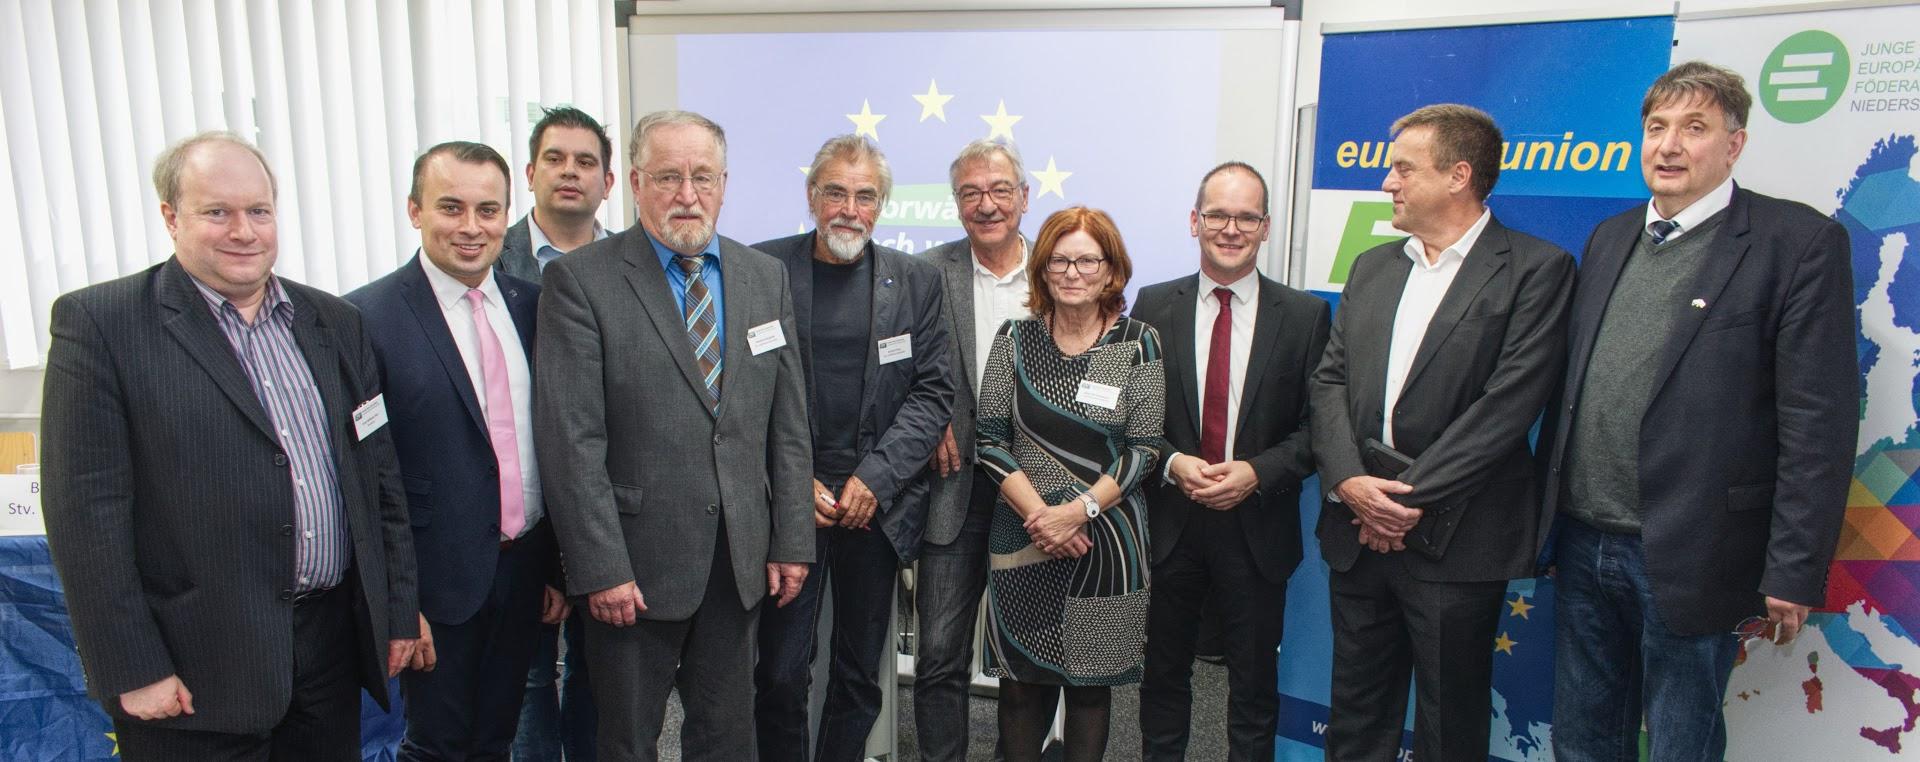 Landesversammlung EUD Niedersachsen